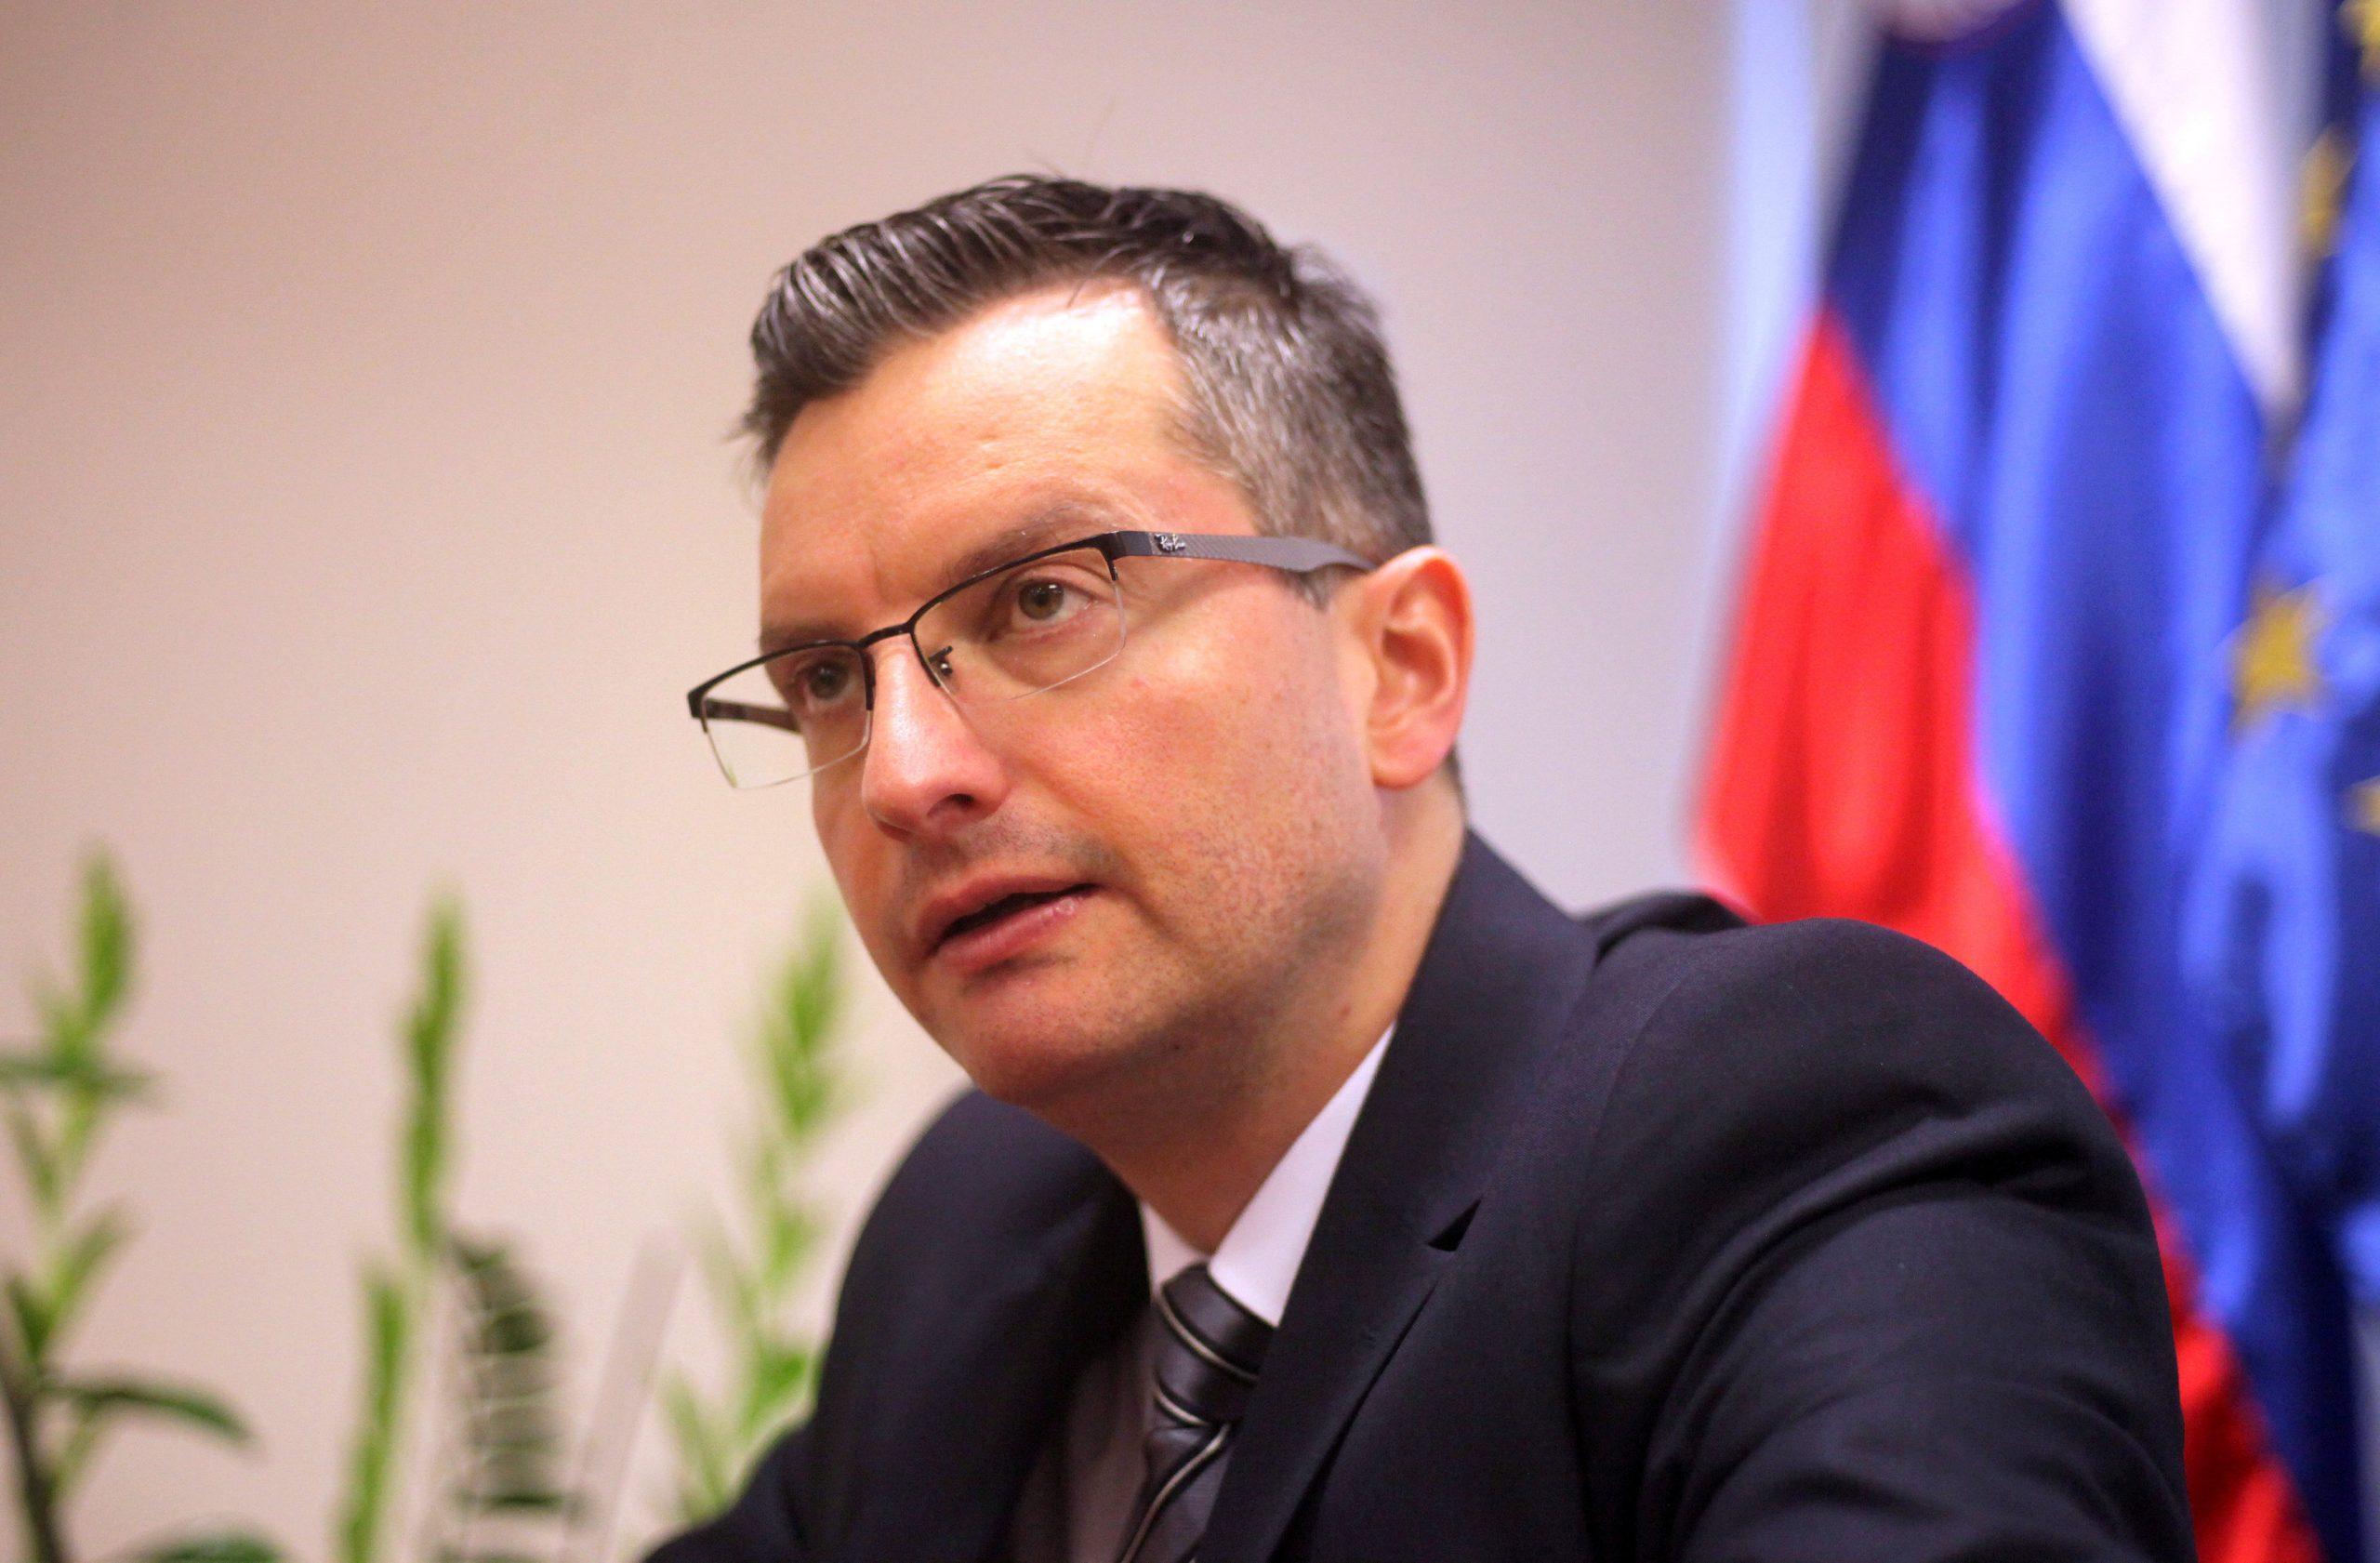 »Opet se crtaju zemljovidi i obnavljaju stare tradicije, pa čak i pozivi na popisivanje slovenske manjine u susjednoj državi, kako bi imala što manje prava«, kazao je Šarec / Reuters